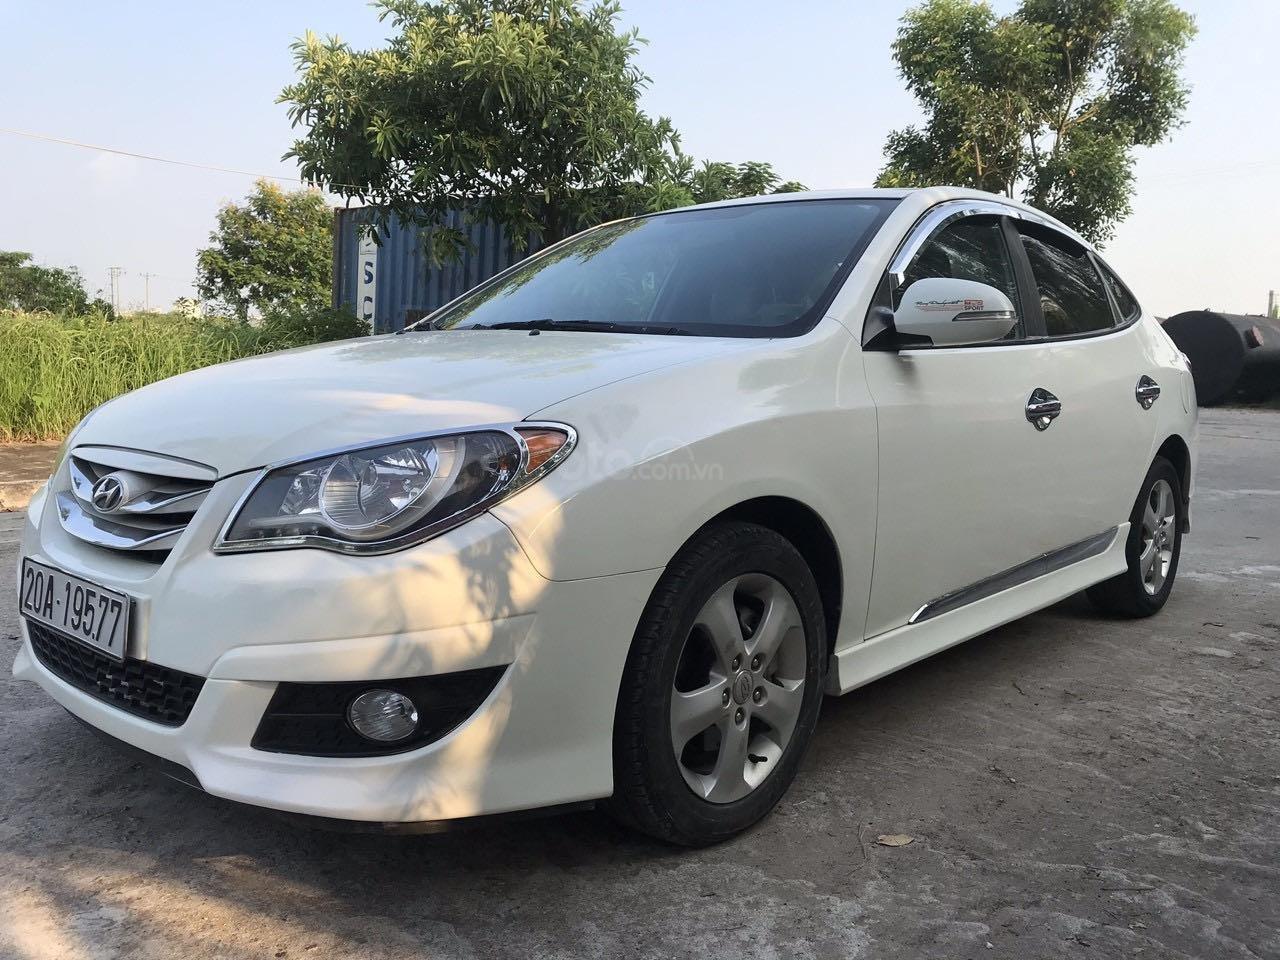 Hyunhdai Avante sx 2012 số tự động nhập khẩu bản cửa sổ nóc, xe đẹp suất sắc, máy 1.6 siêu tiết kiệm, xe số vào ngọt. (3)